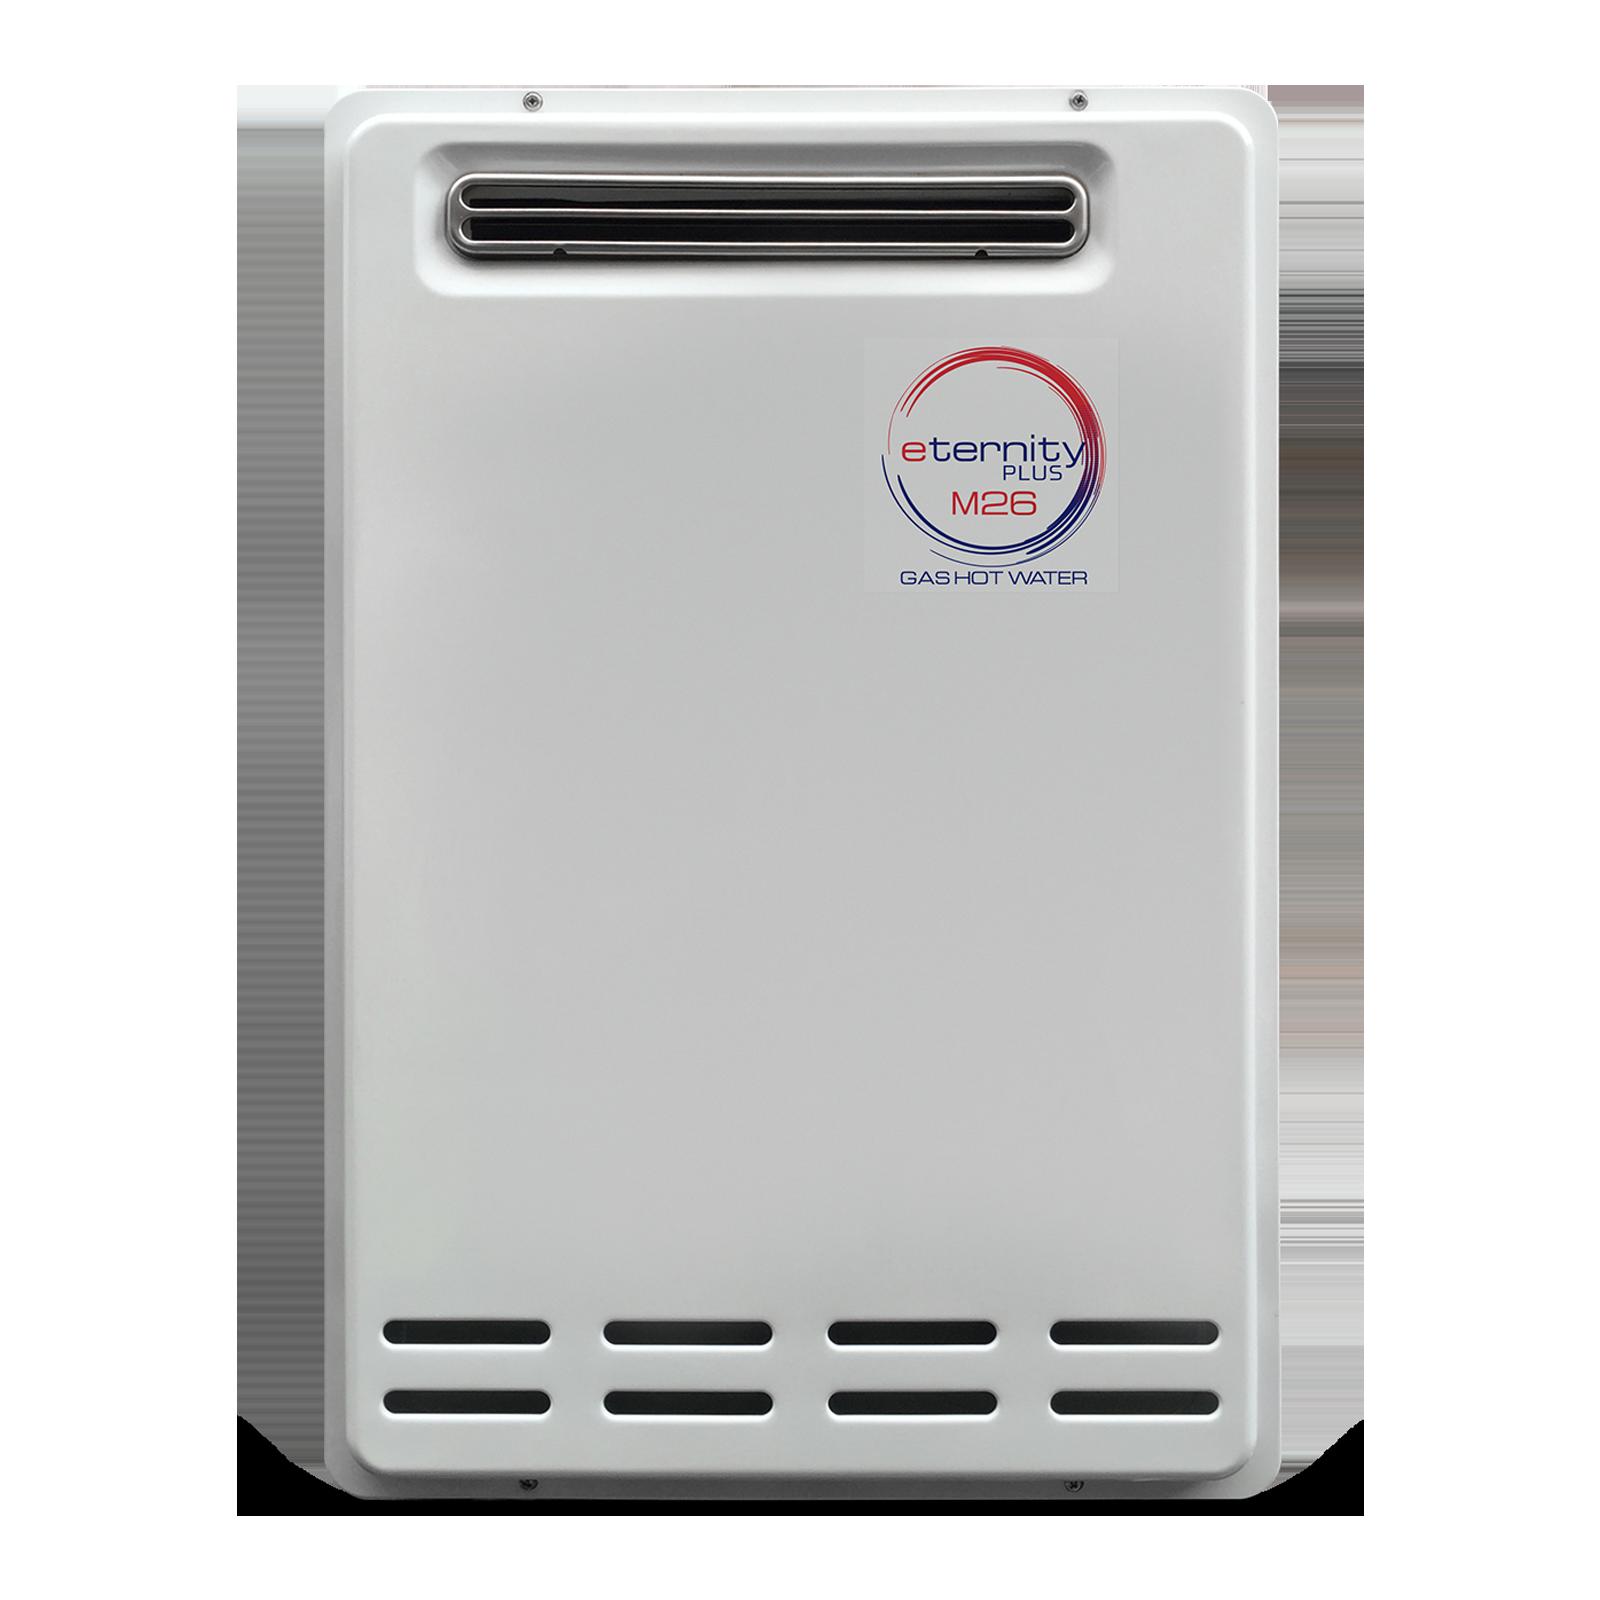 Chromagen Eternity Plus 26L Continuous Flow Hot Water Heater - LPG